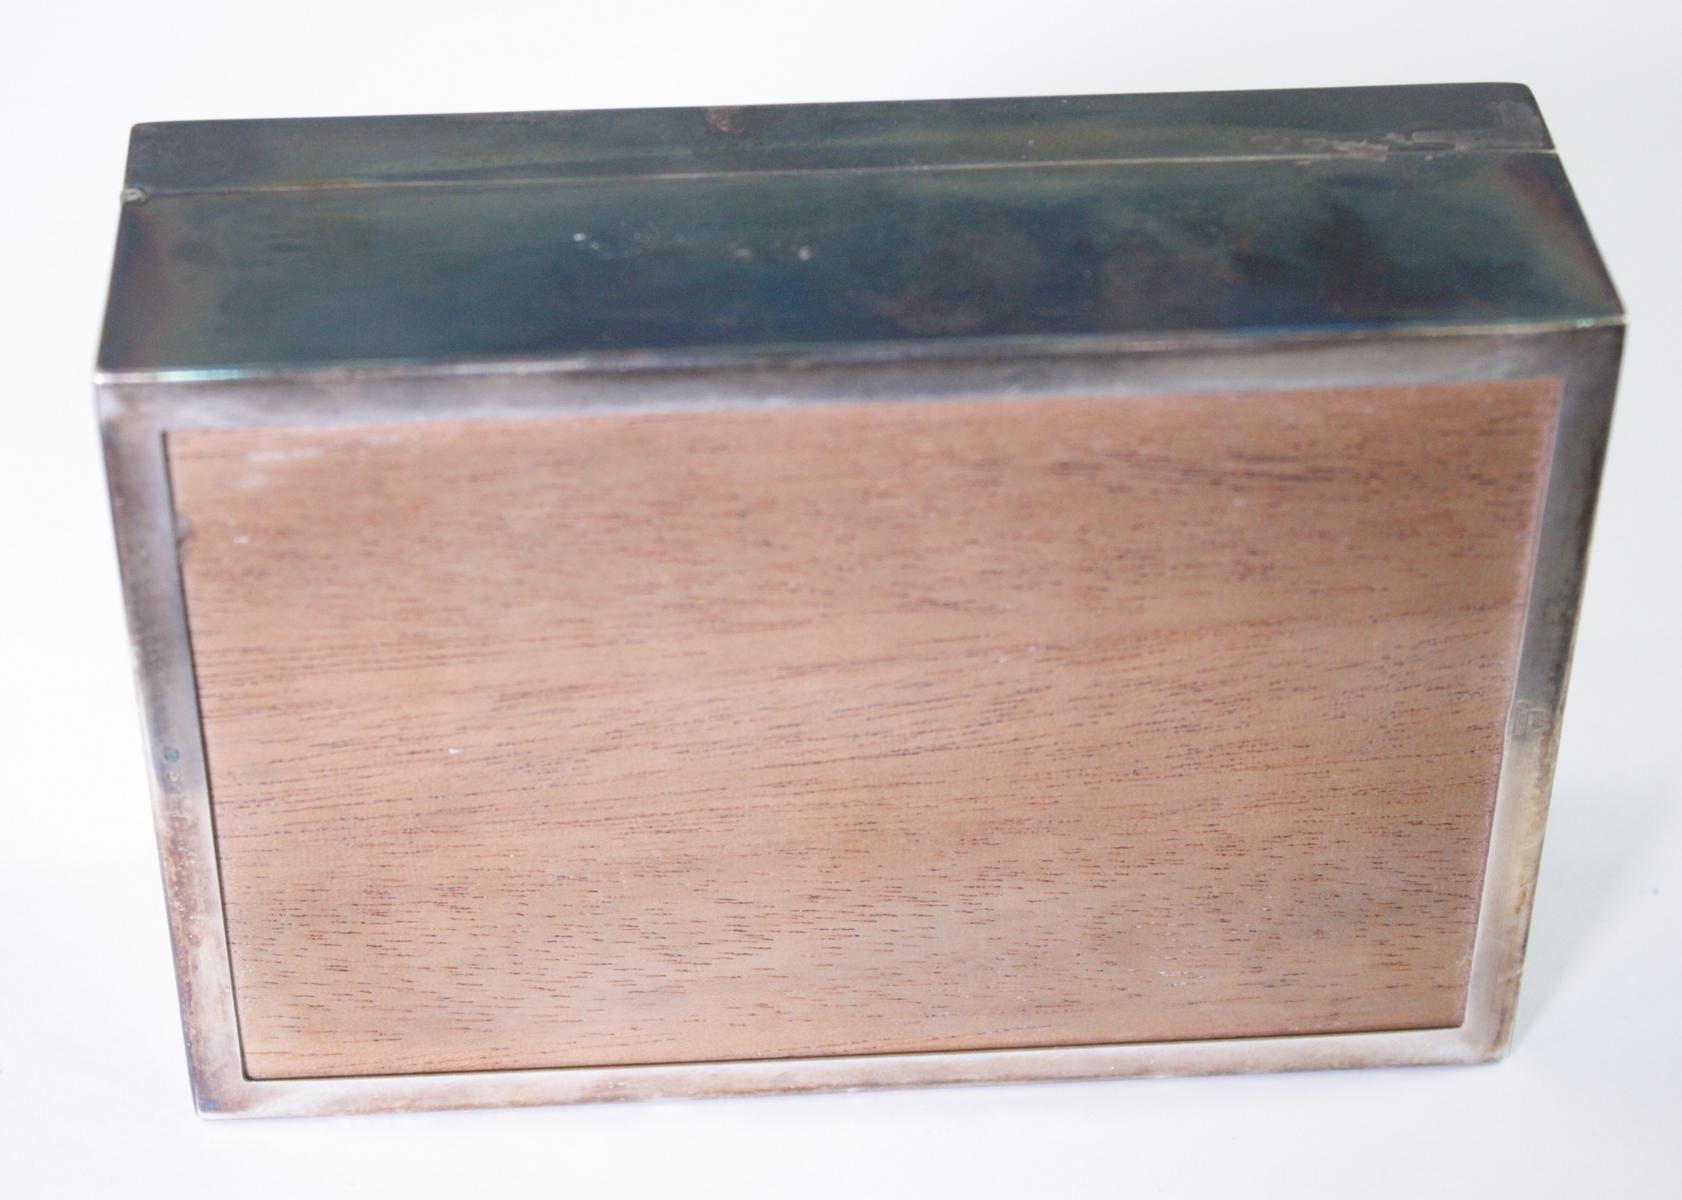 Silberne Deckeldose mit Monogramm GS, Zigarettendose-4